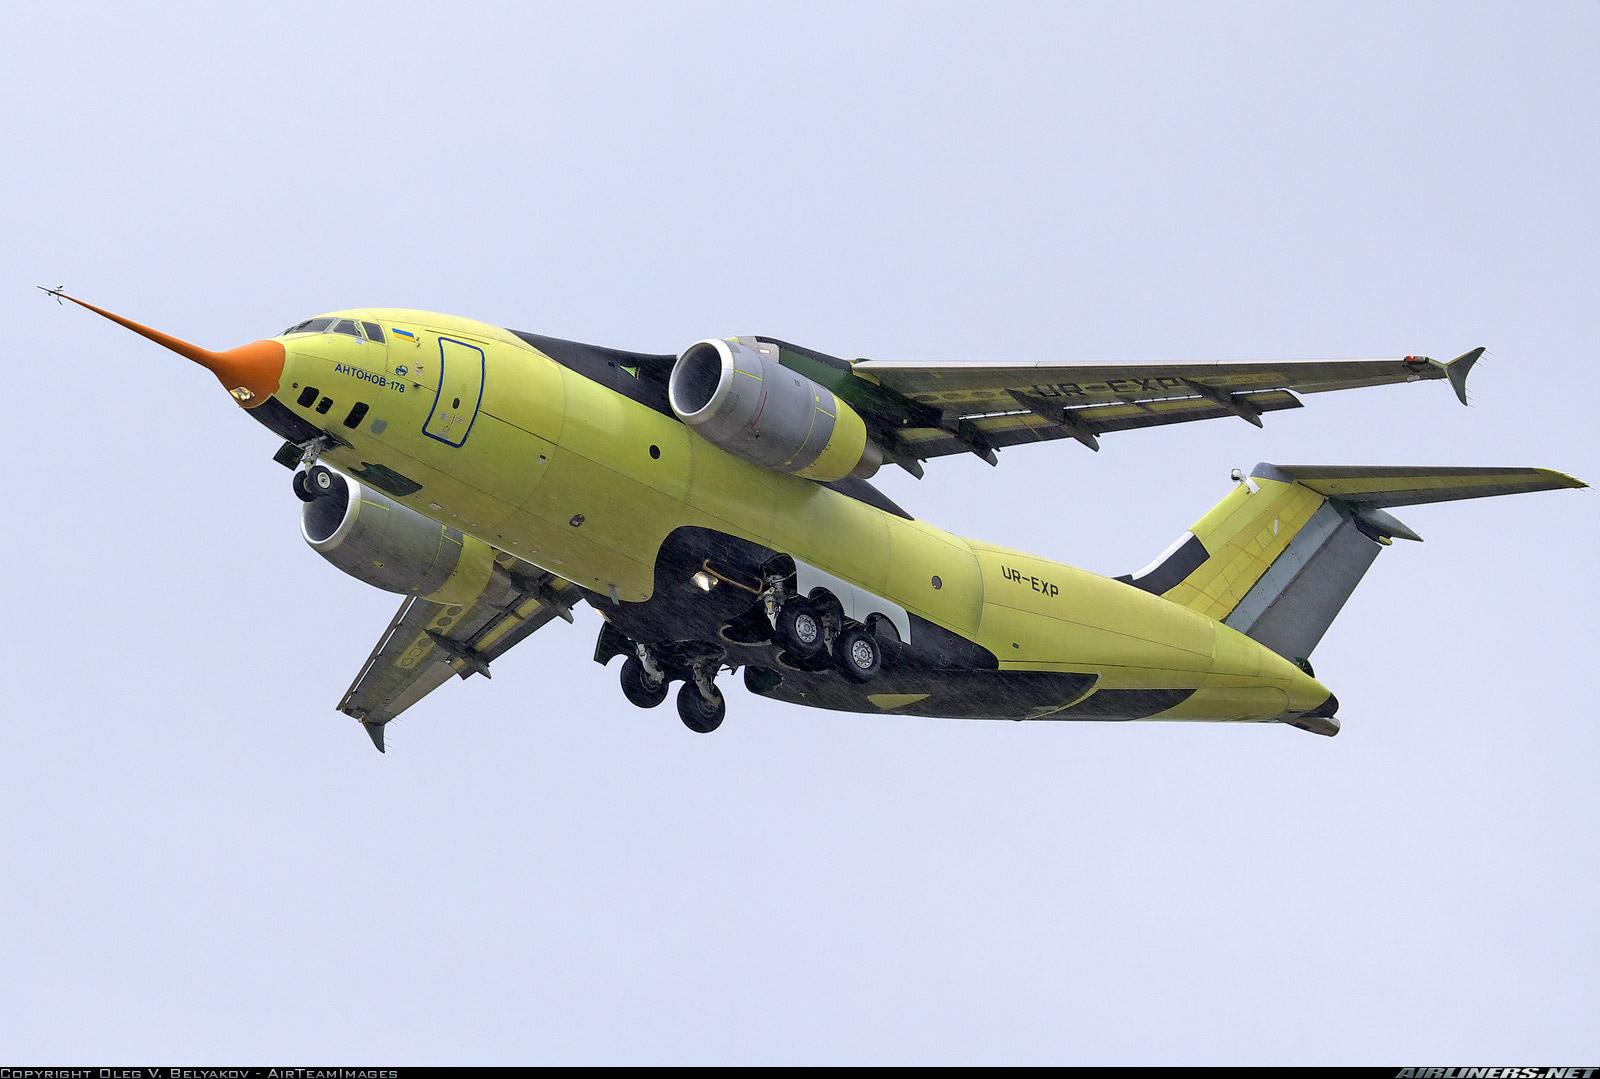 Украинская сделка века: Киев продал самолеты Ан-178 несуществующей компании